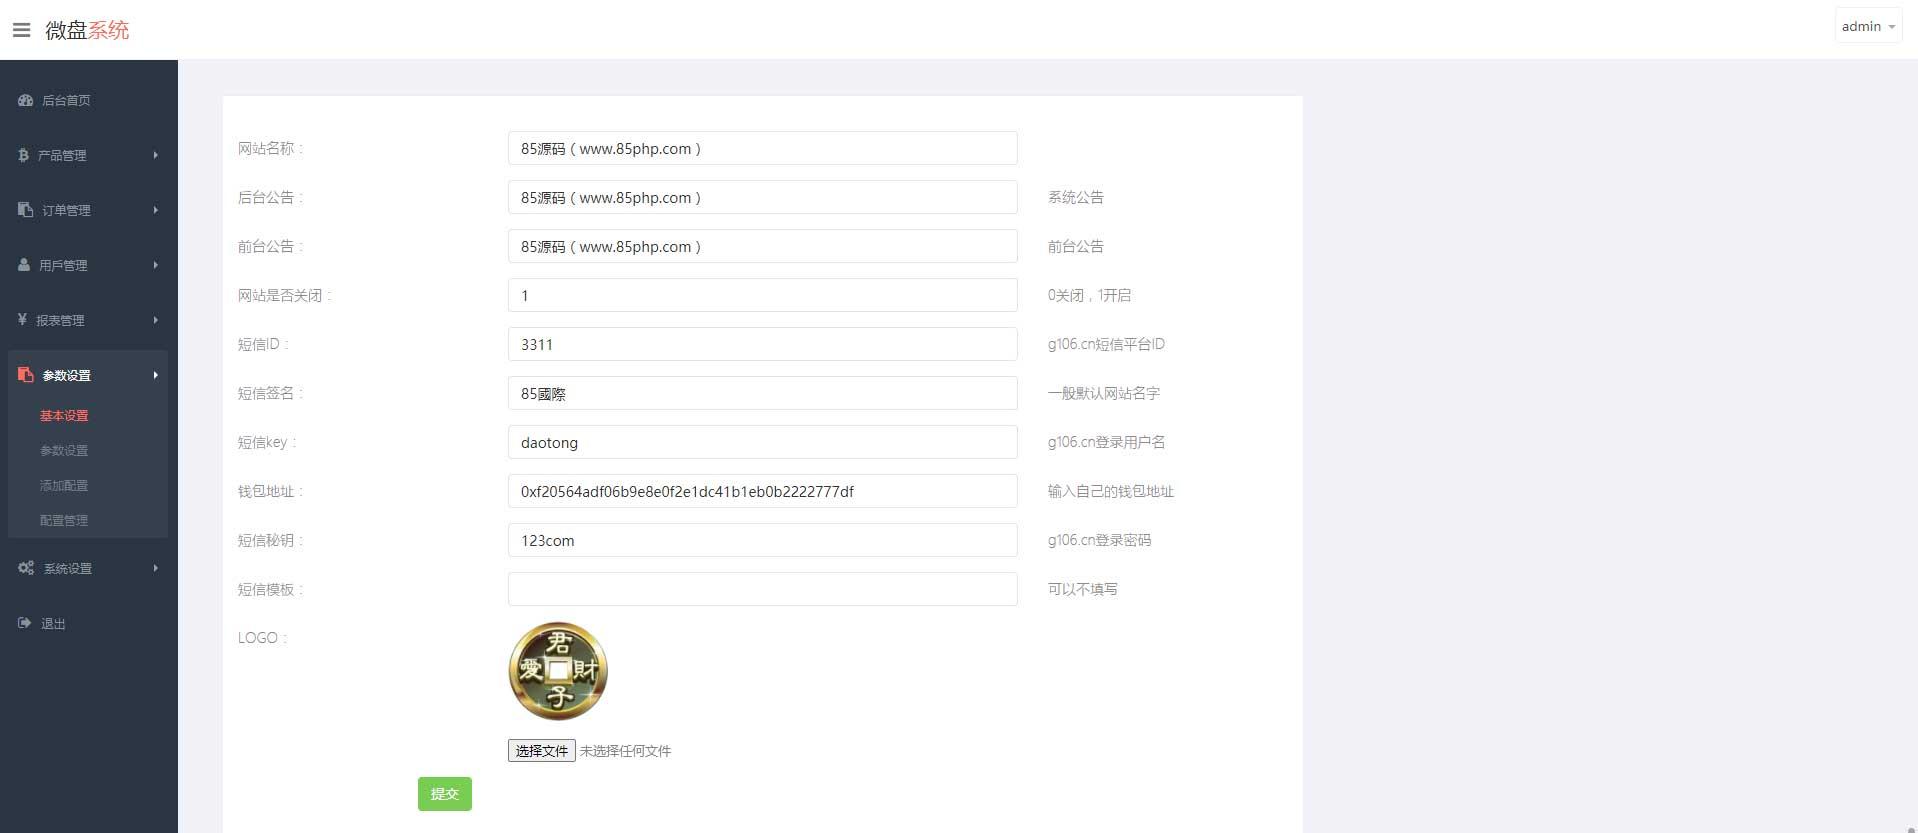 【繁体字微盘系统】USDT微交易时间盘+K线完整[已清后门+去除广告]插图4